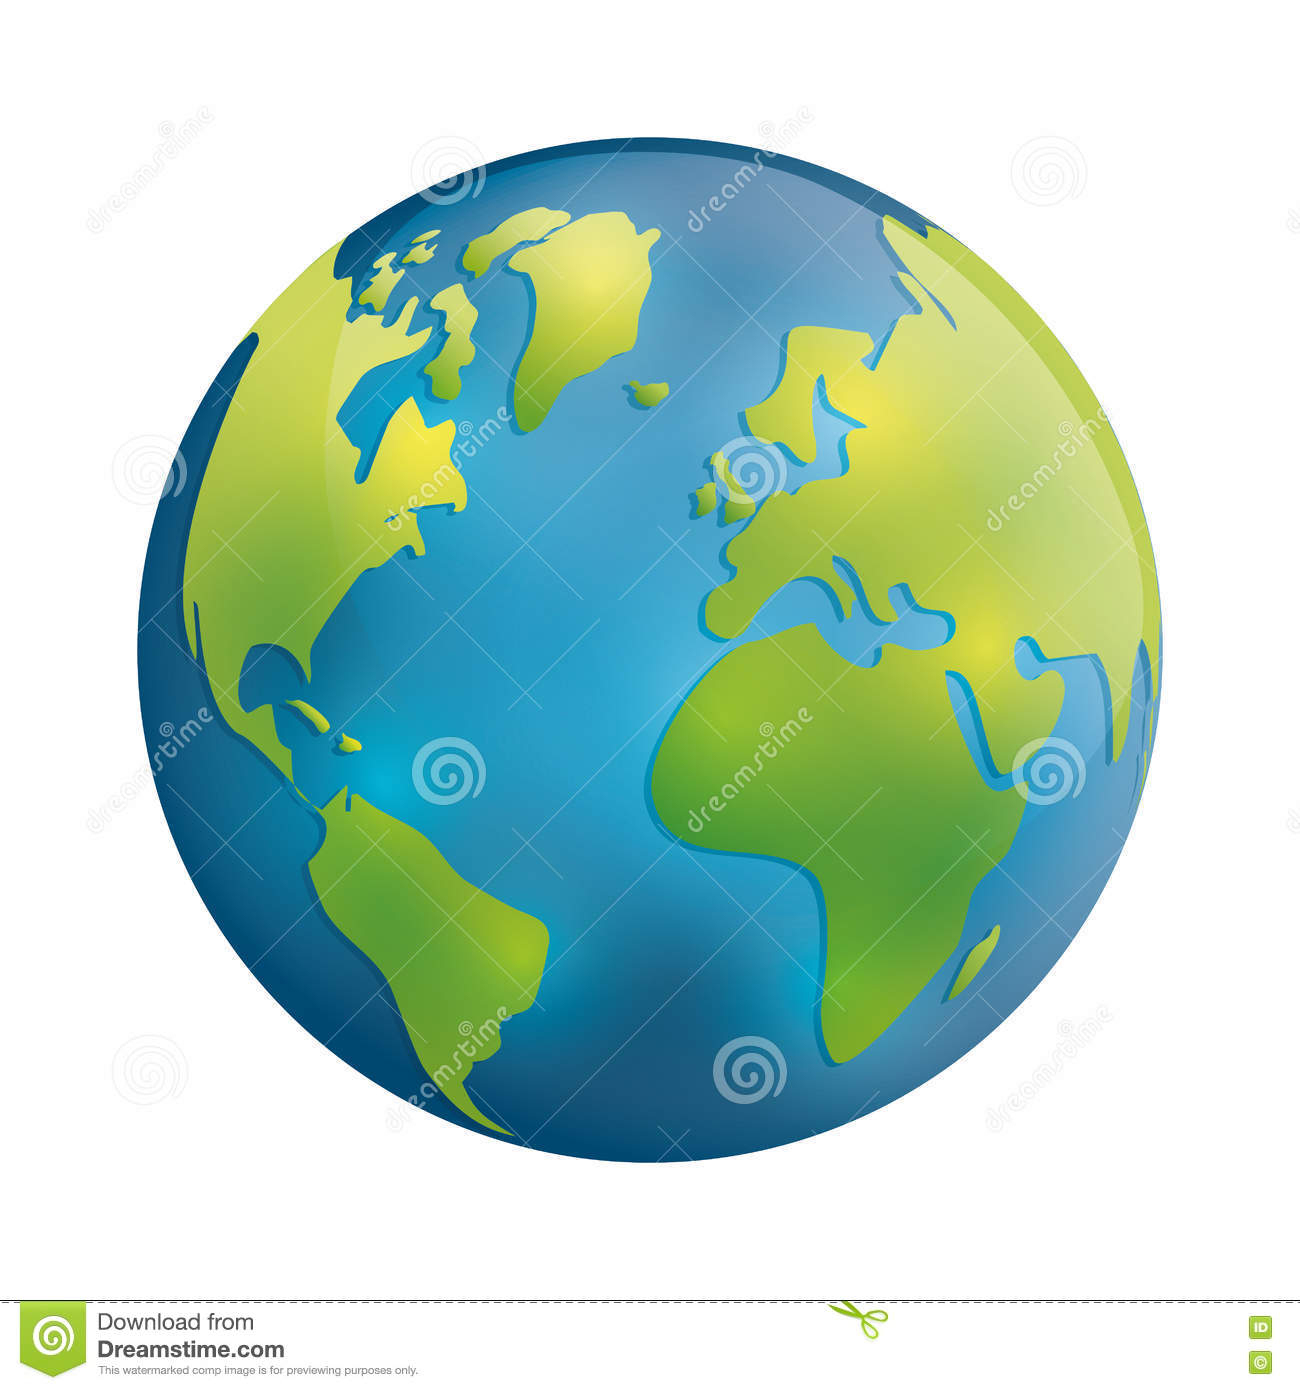 Icône De Planète Conception De Sphère De La Terre Dessin De concernant Image De La Terre Dessin